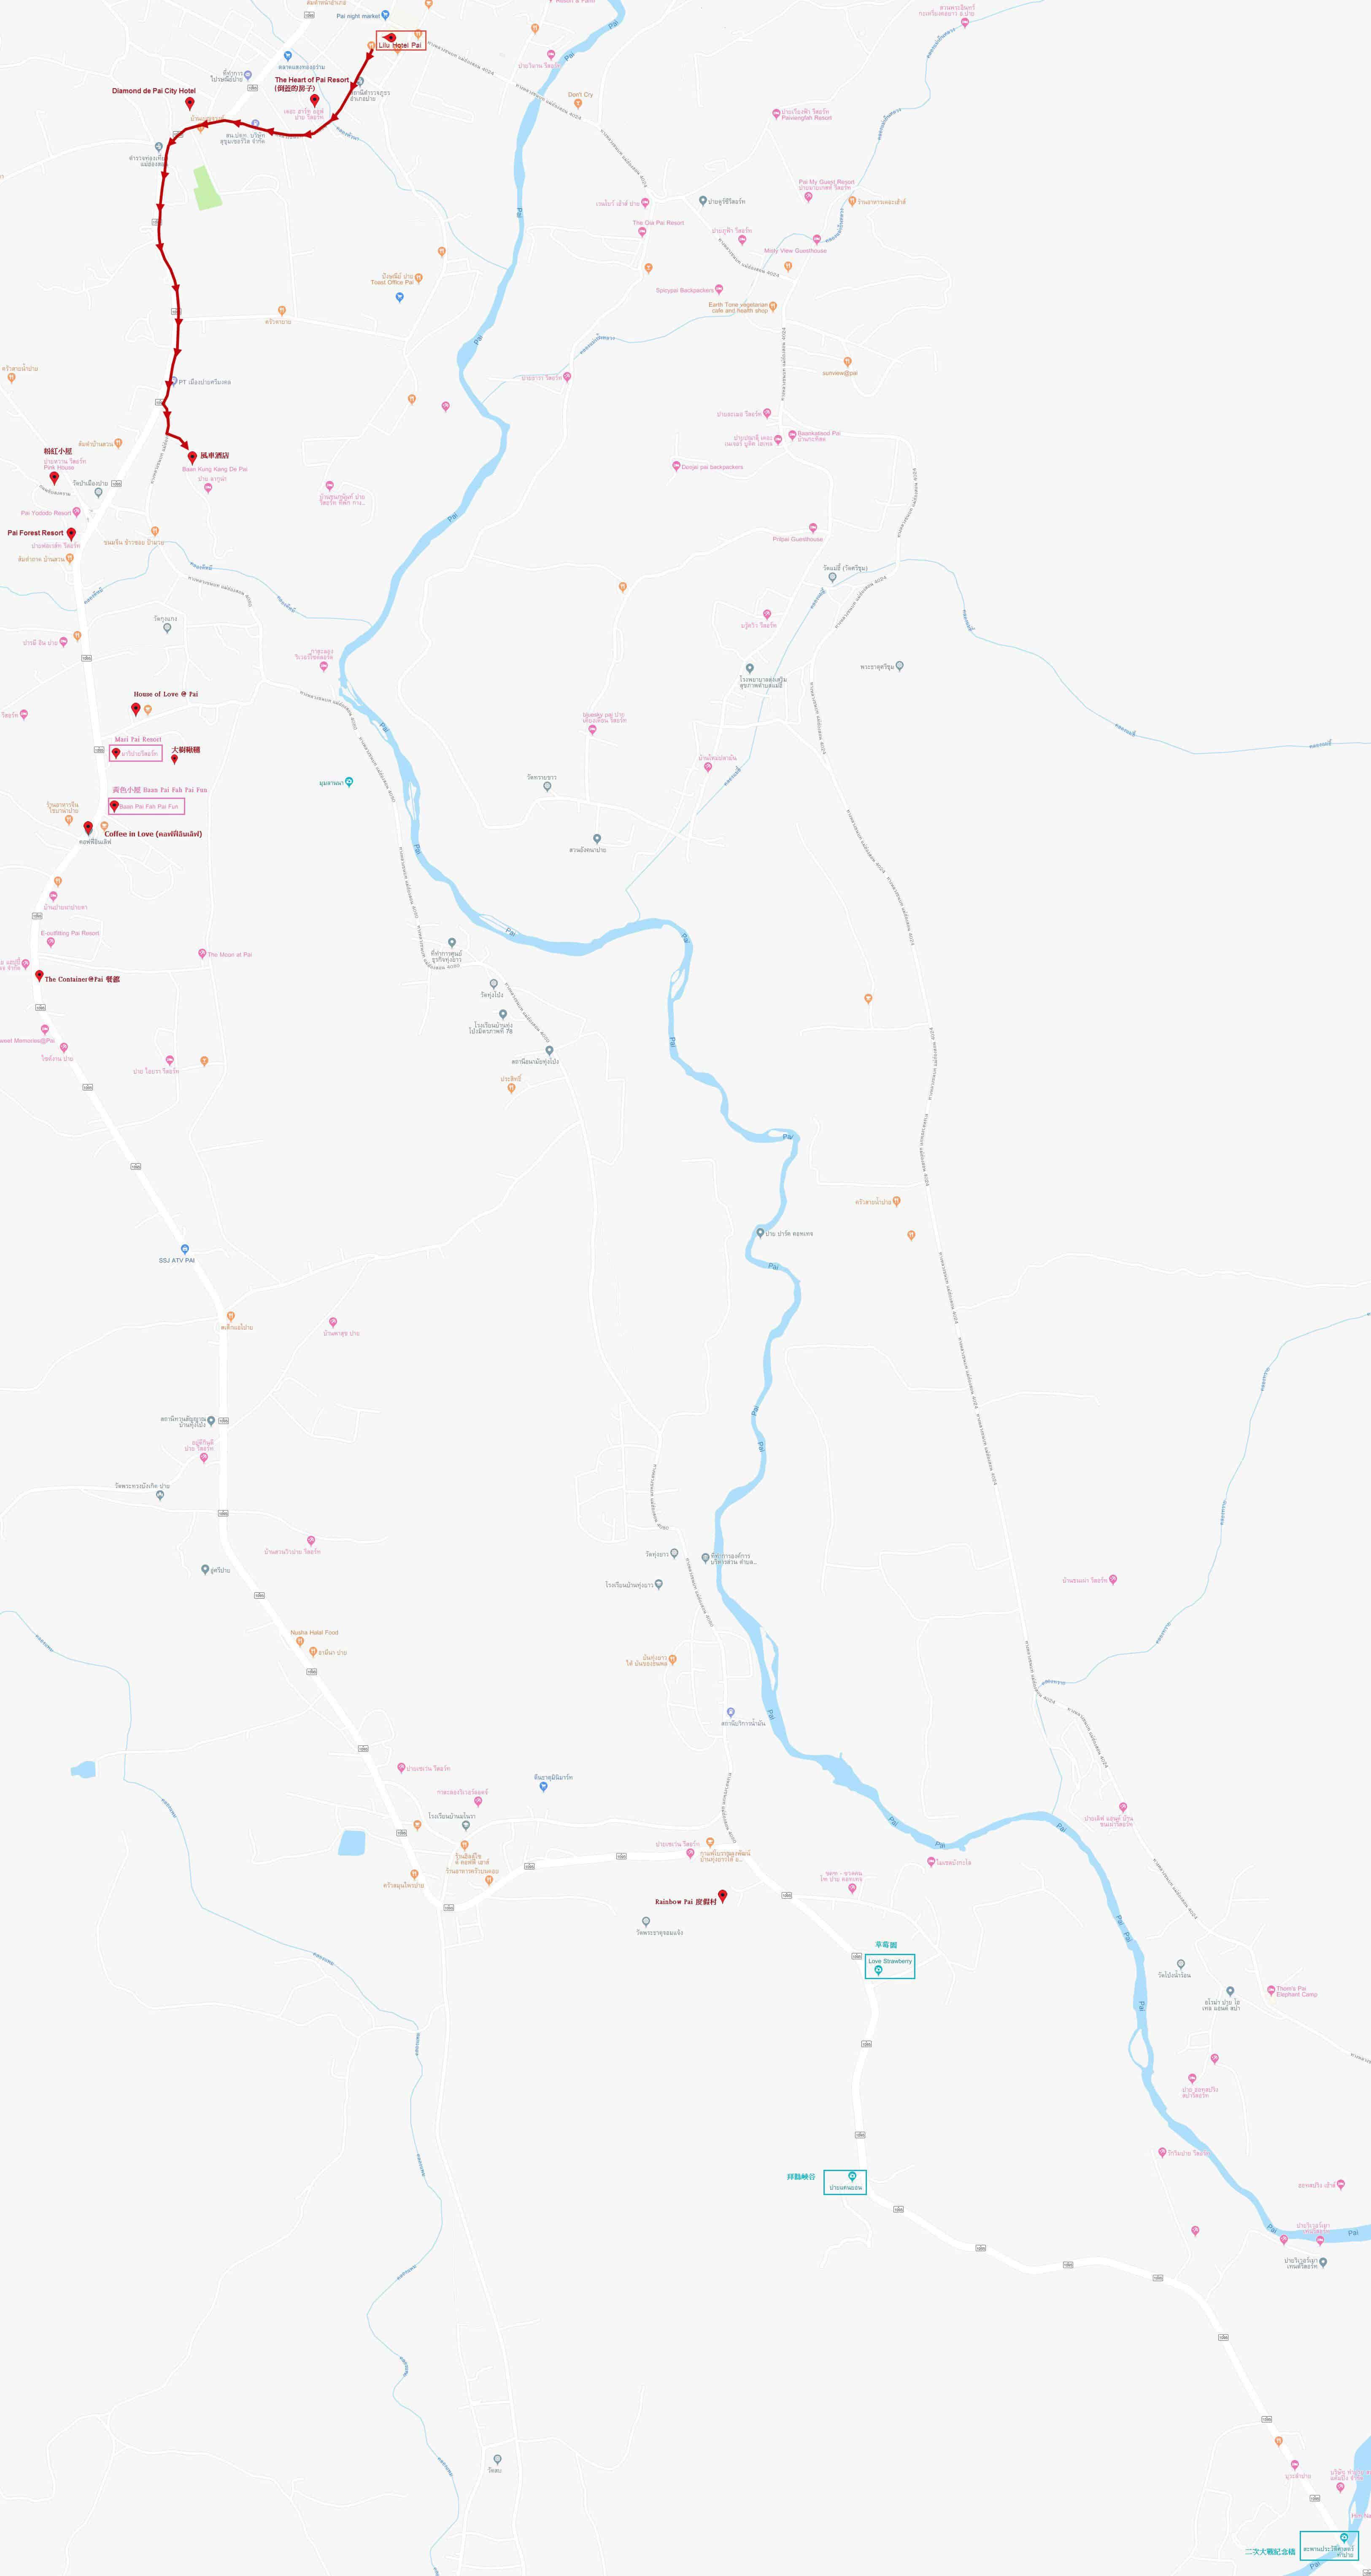 拜縣市中心至 Kungkang De Pai 風車酒店的步行路線地圖